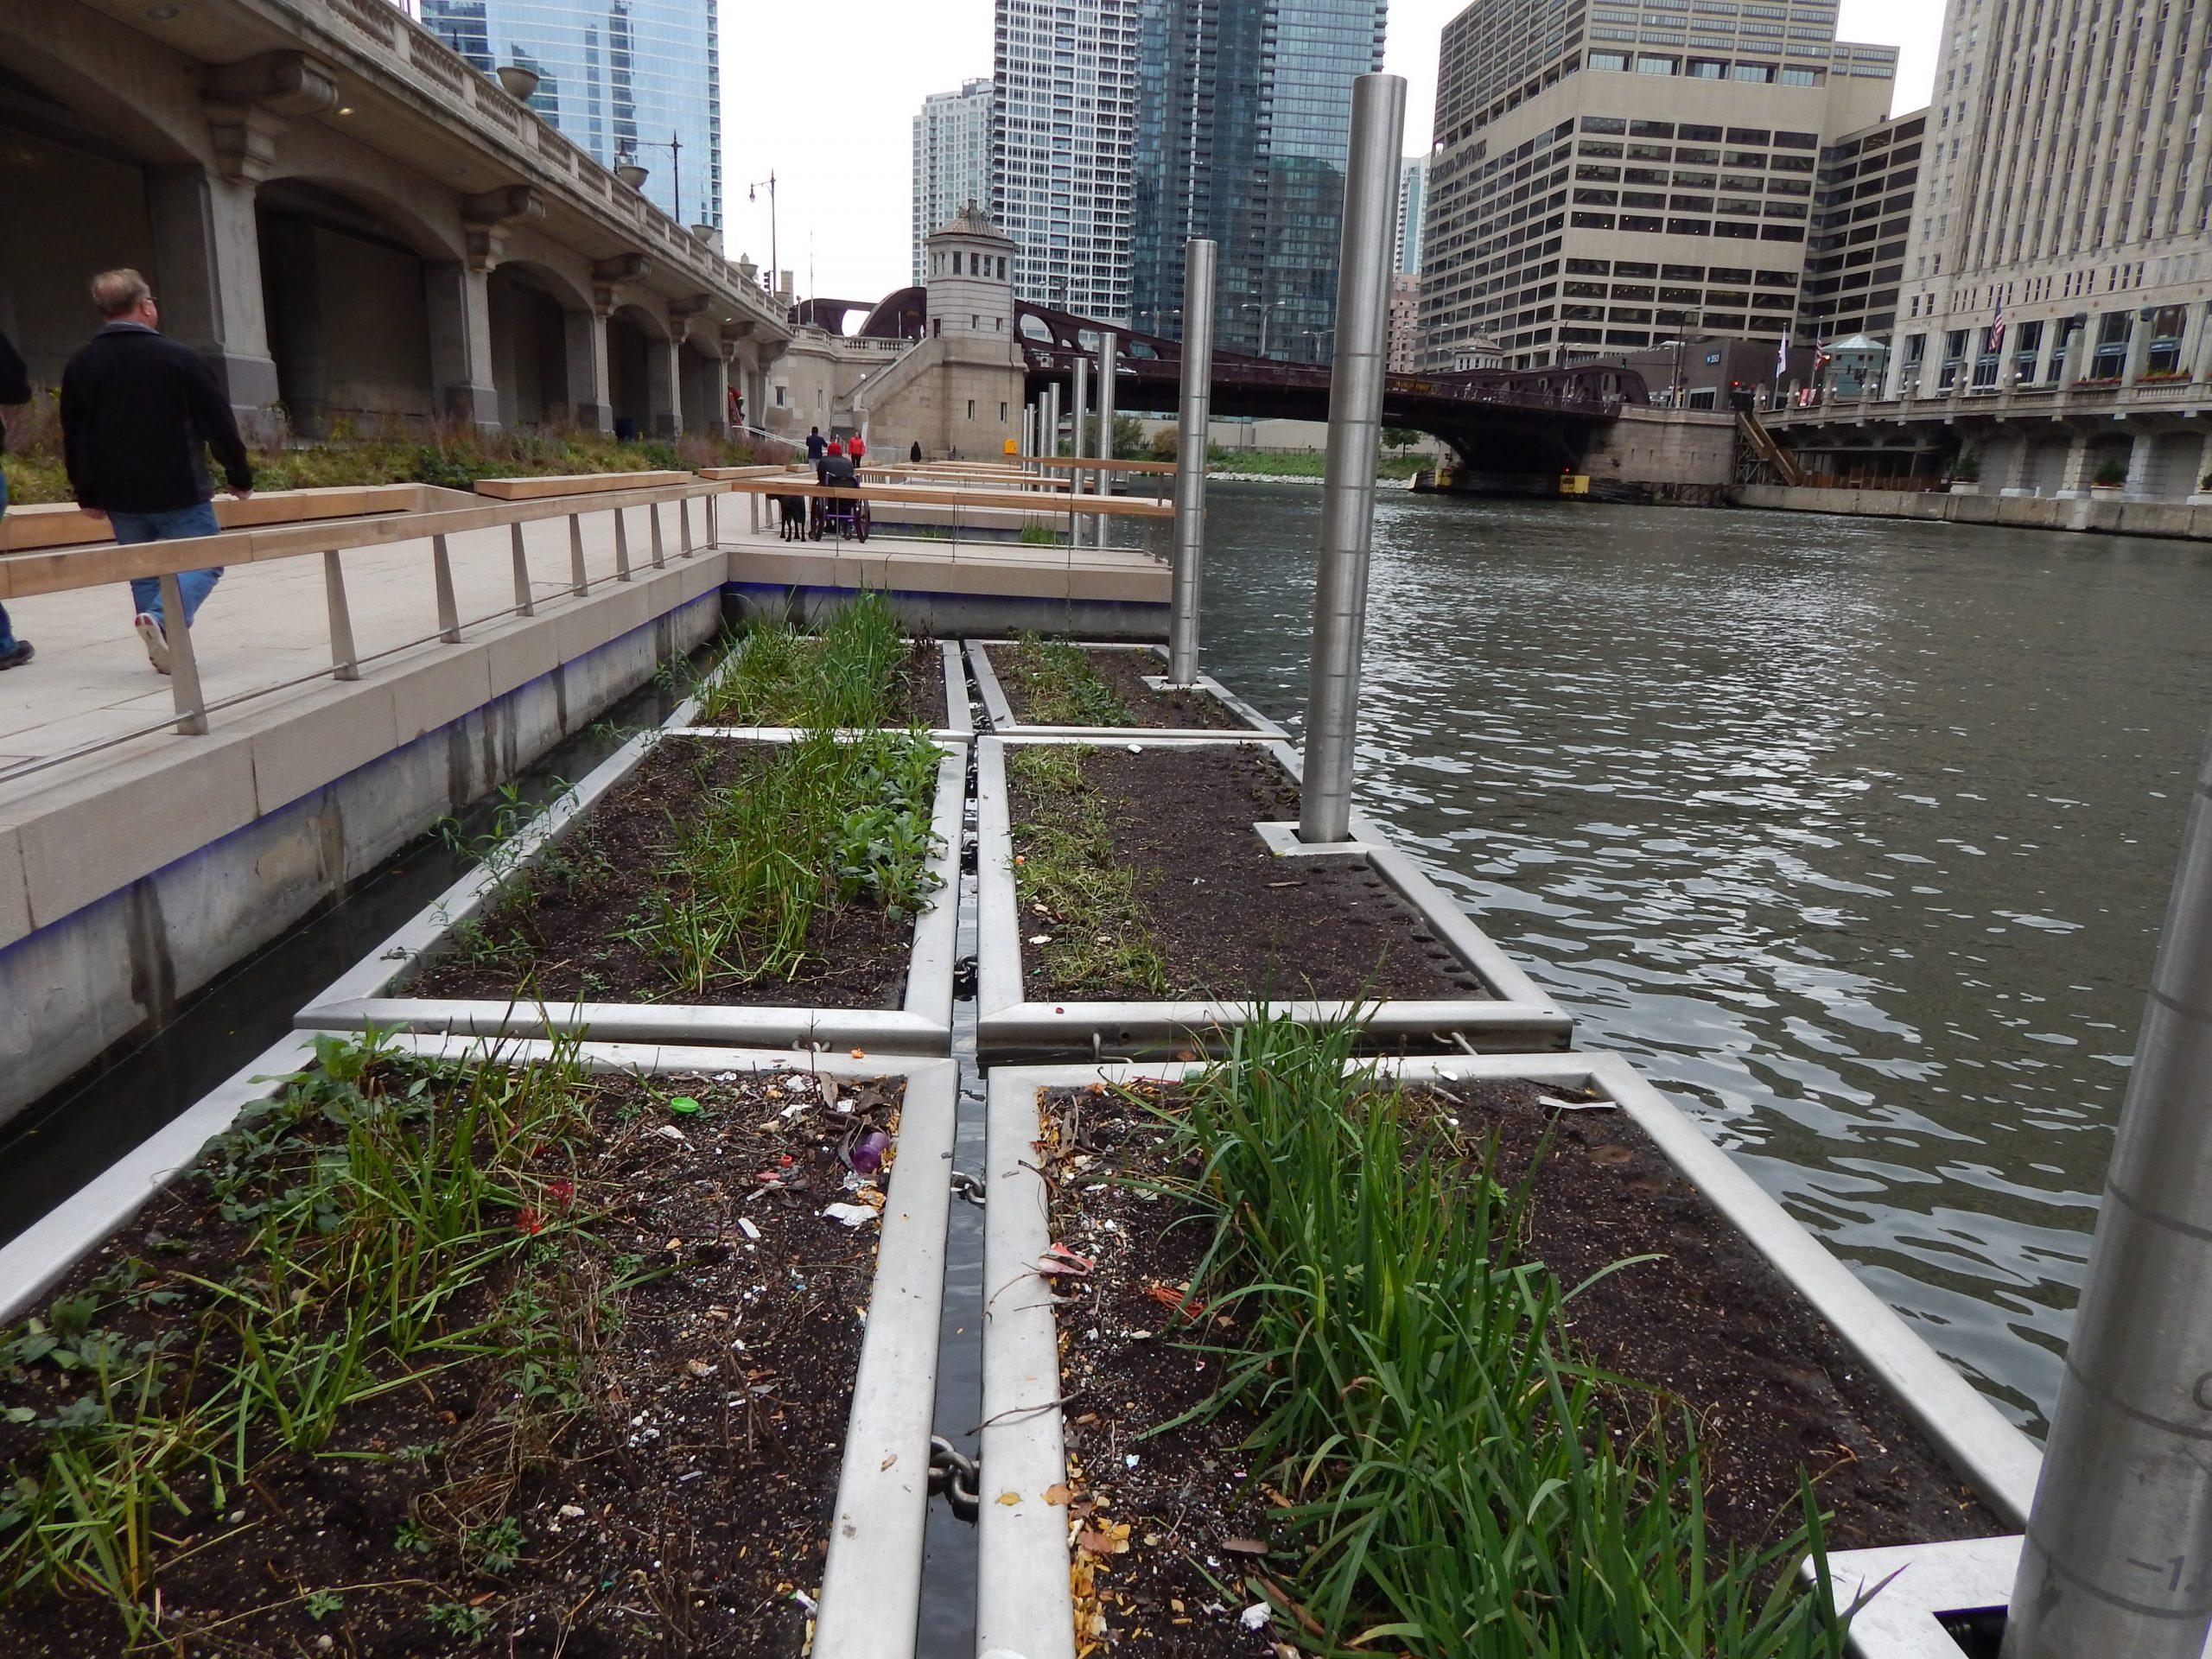 Chicago Riverwalk, the Jetty